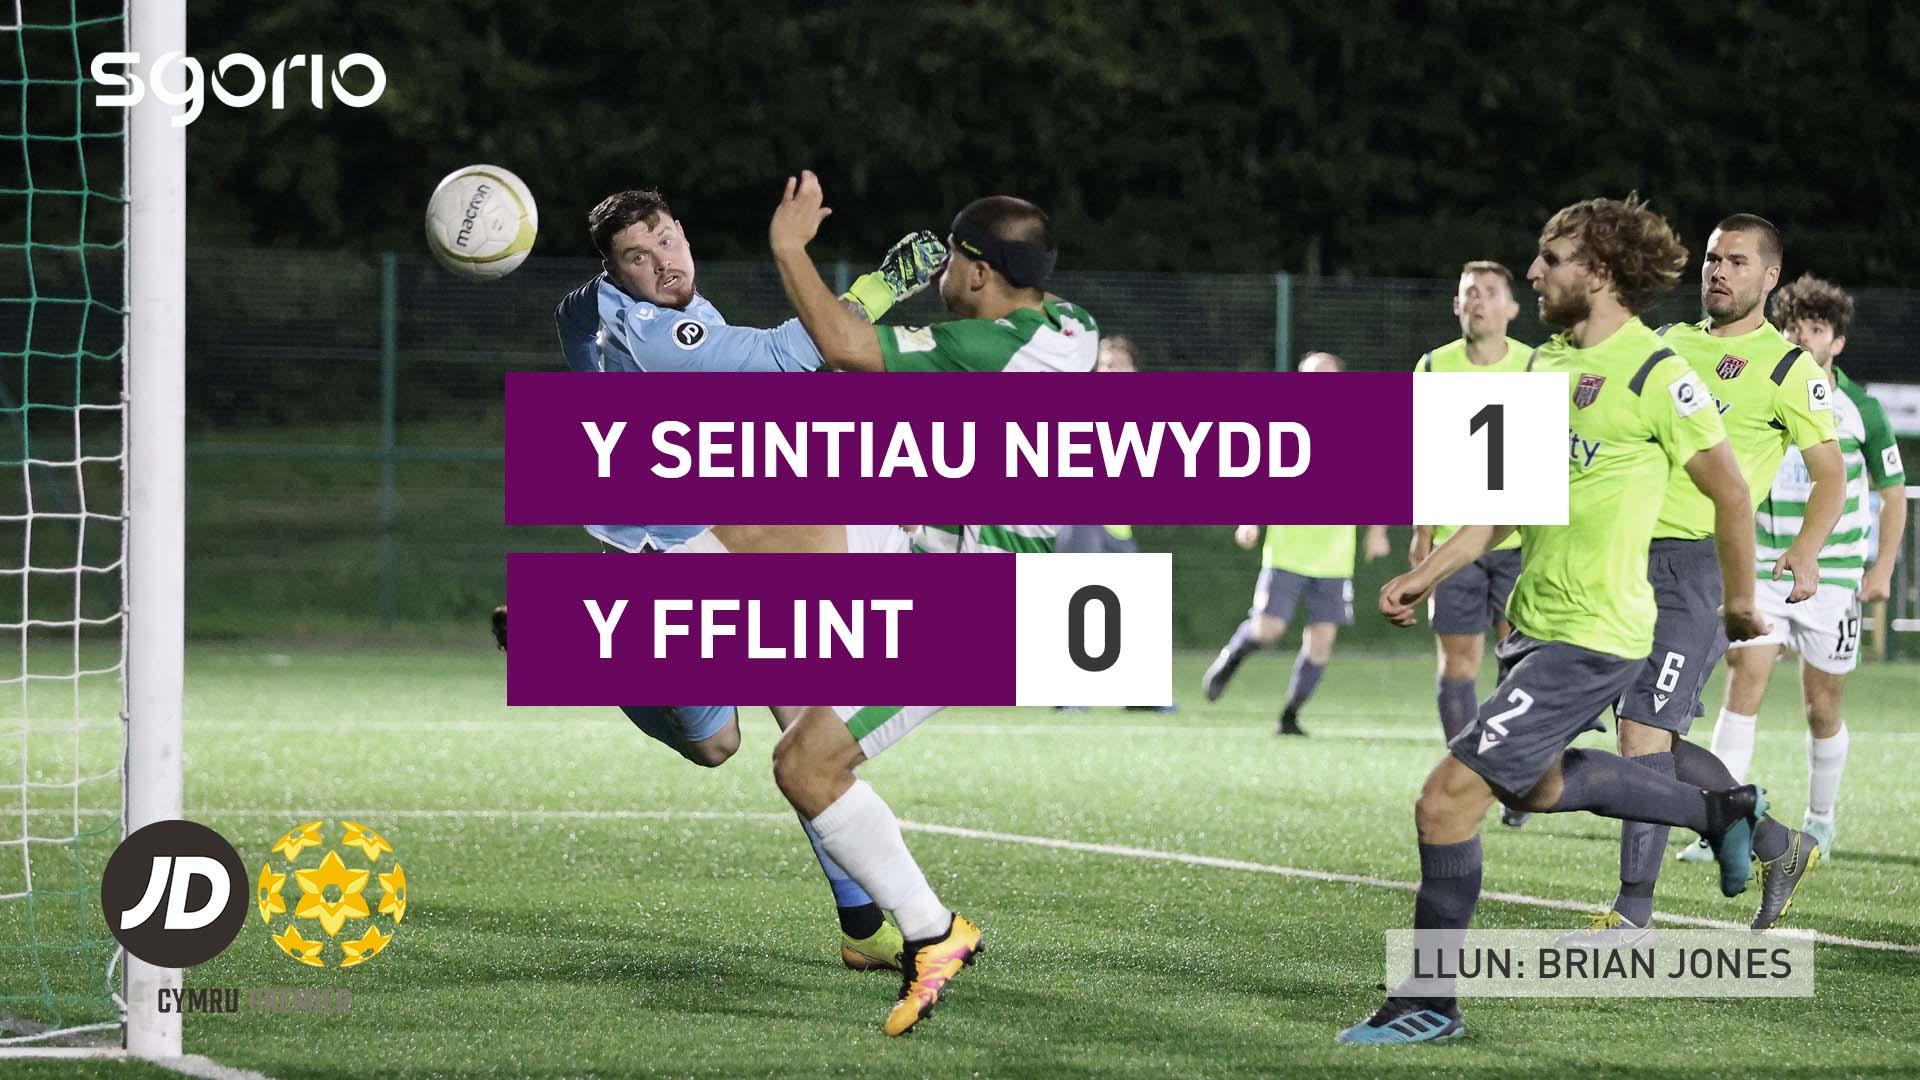 Y Seintiau Newydd 1-0 Y Fflint